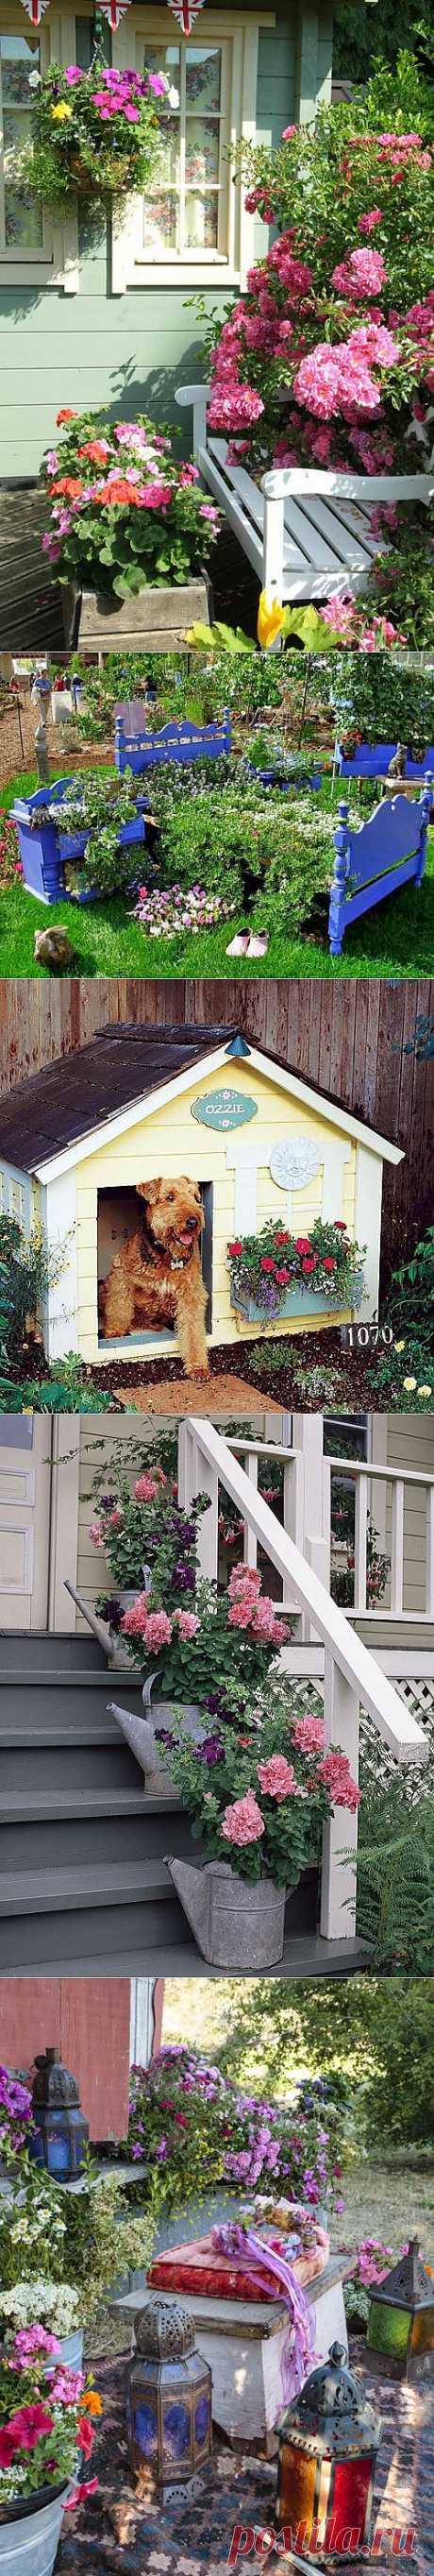 Идеи для сада - деревенский уголок (50фото).